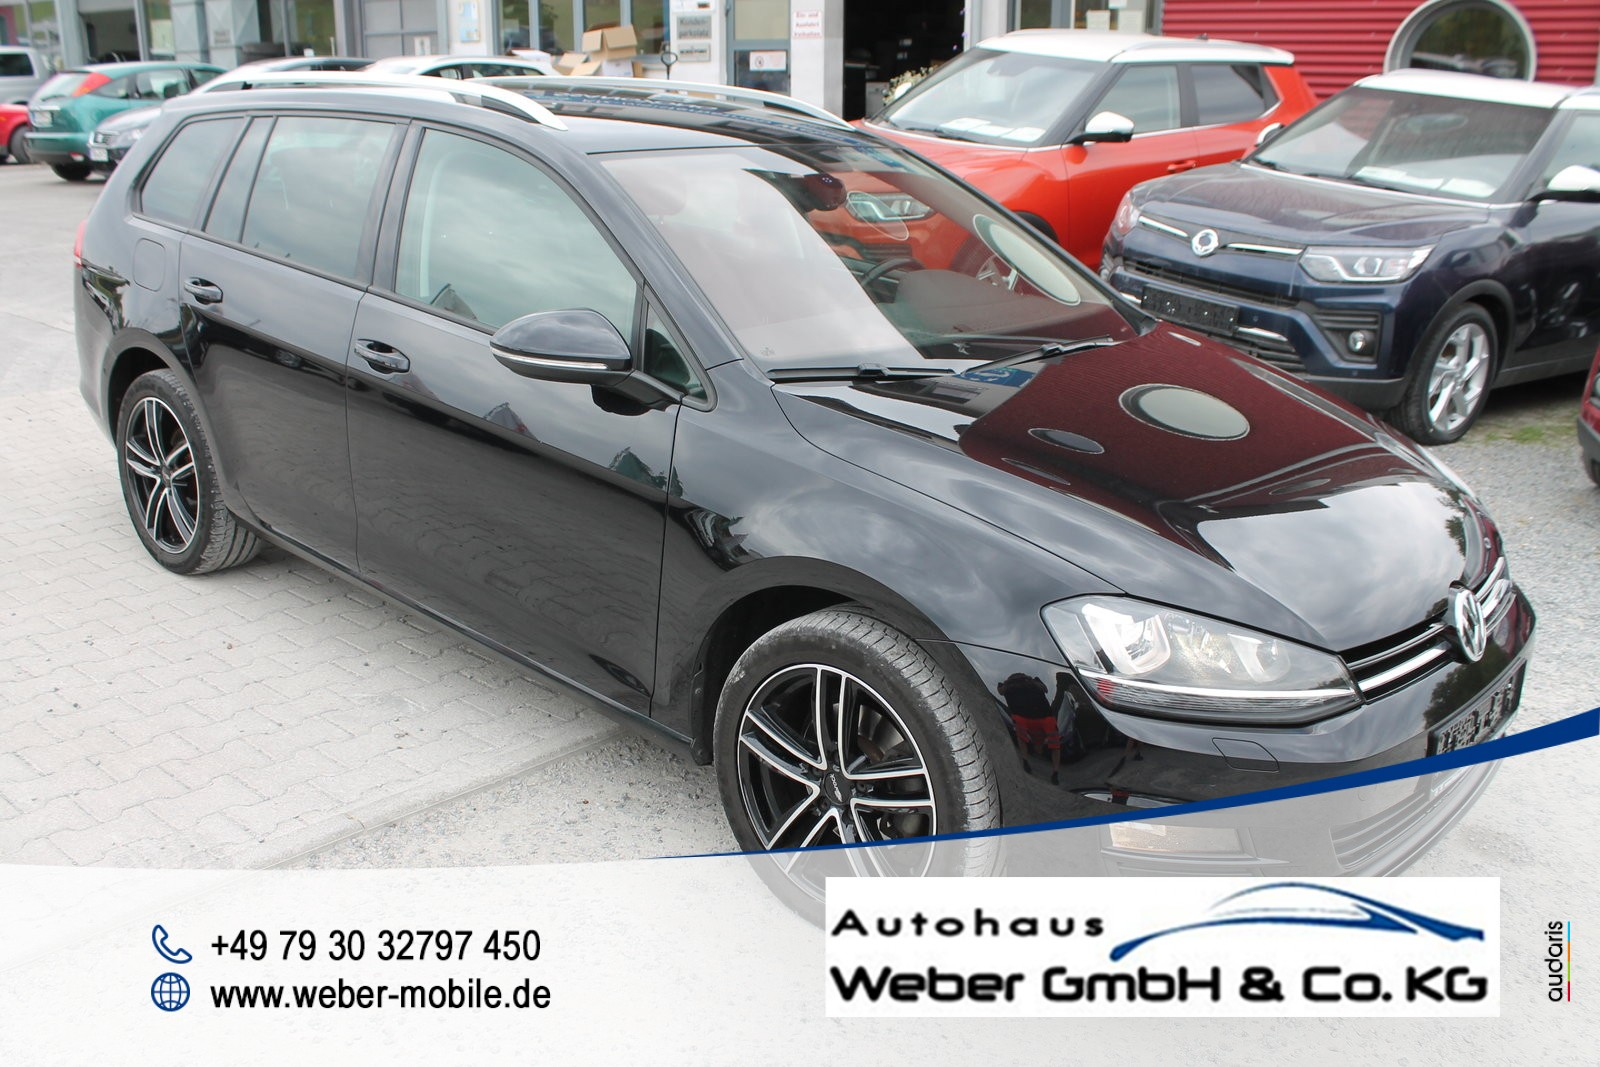 Volkswagen Golf VII 1.6 TDI 105 PS *Variant*Comfortline*NAVI*SHZ*BI-Xenon*Massagesitz*, Jahr 2013, Diesel